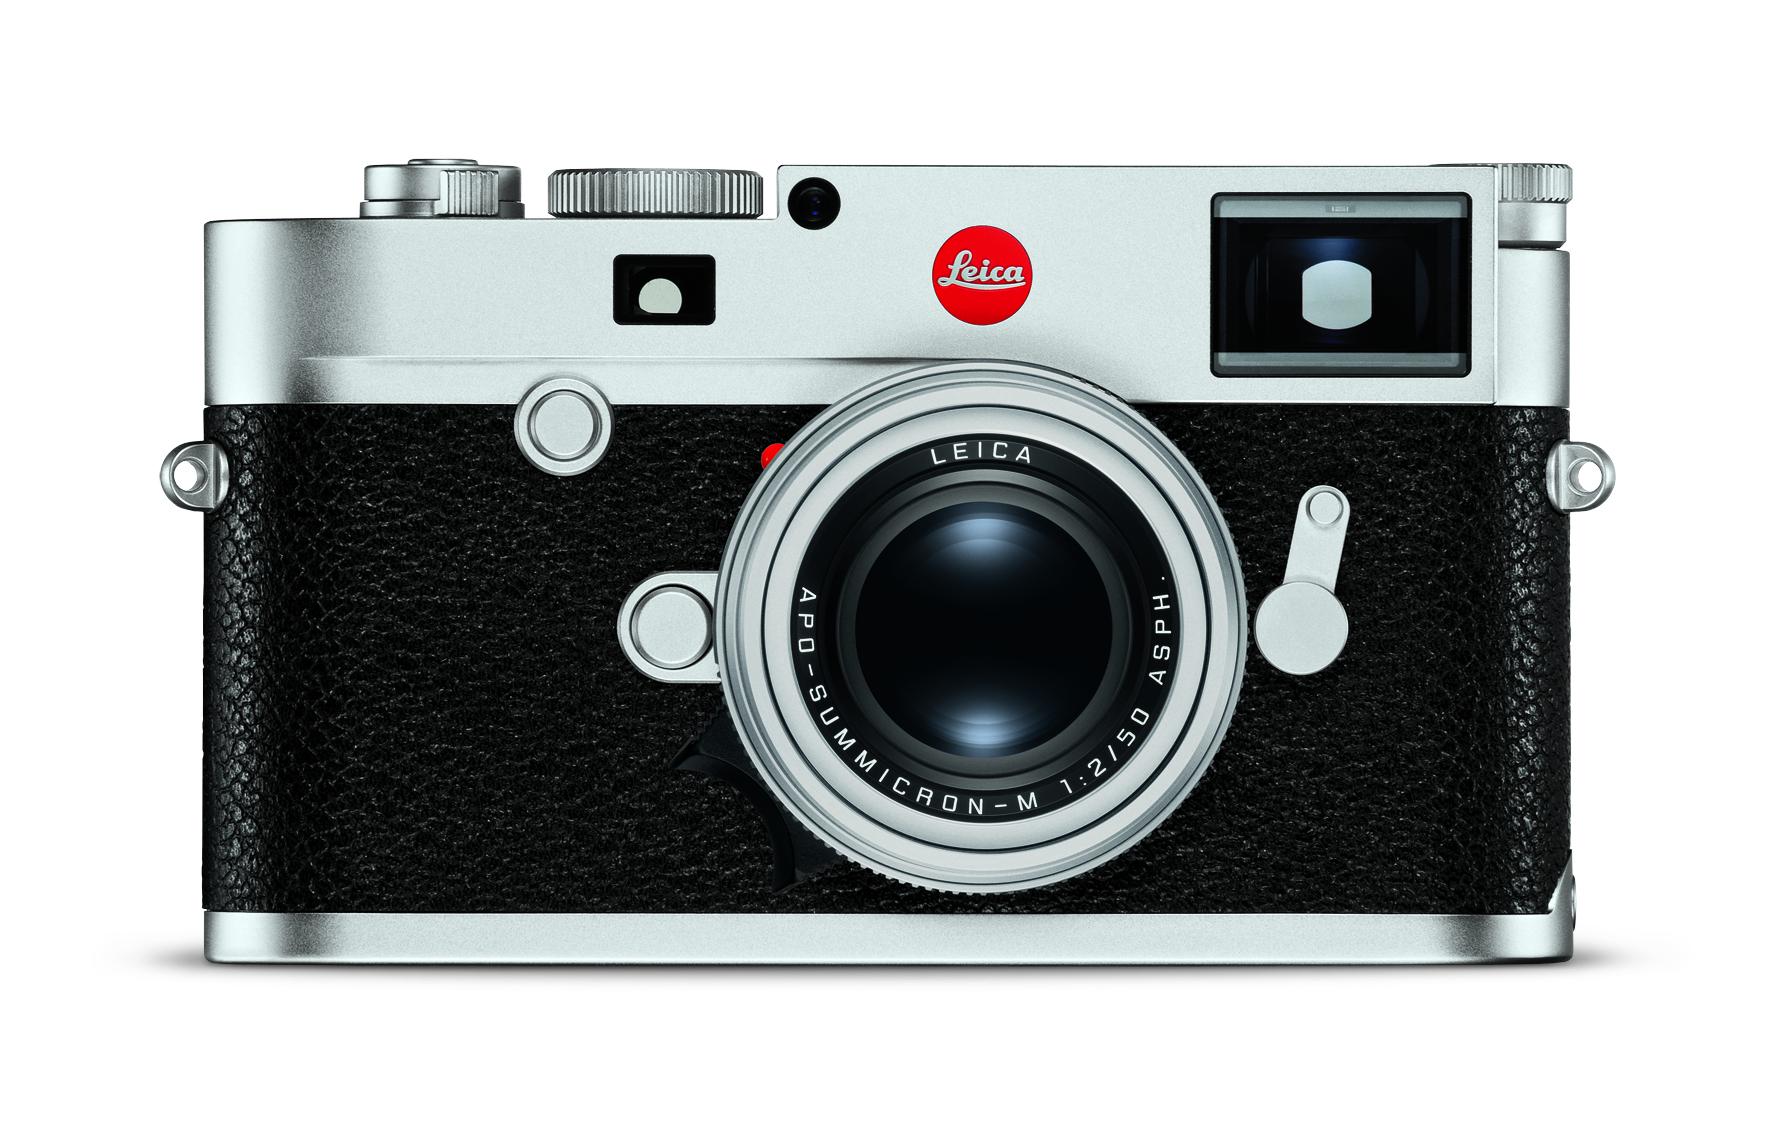 Leica Entfernungsmesser Einstellen : Neue leica m u kompakter schneller besser a pictures das